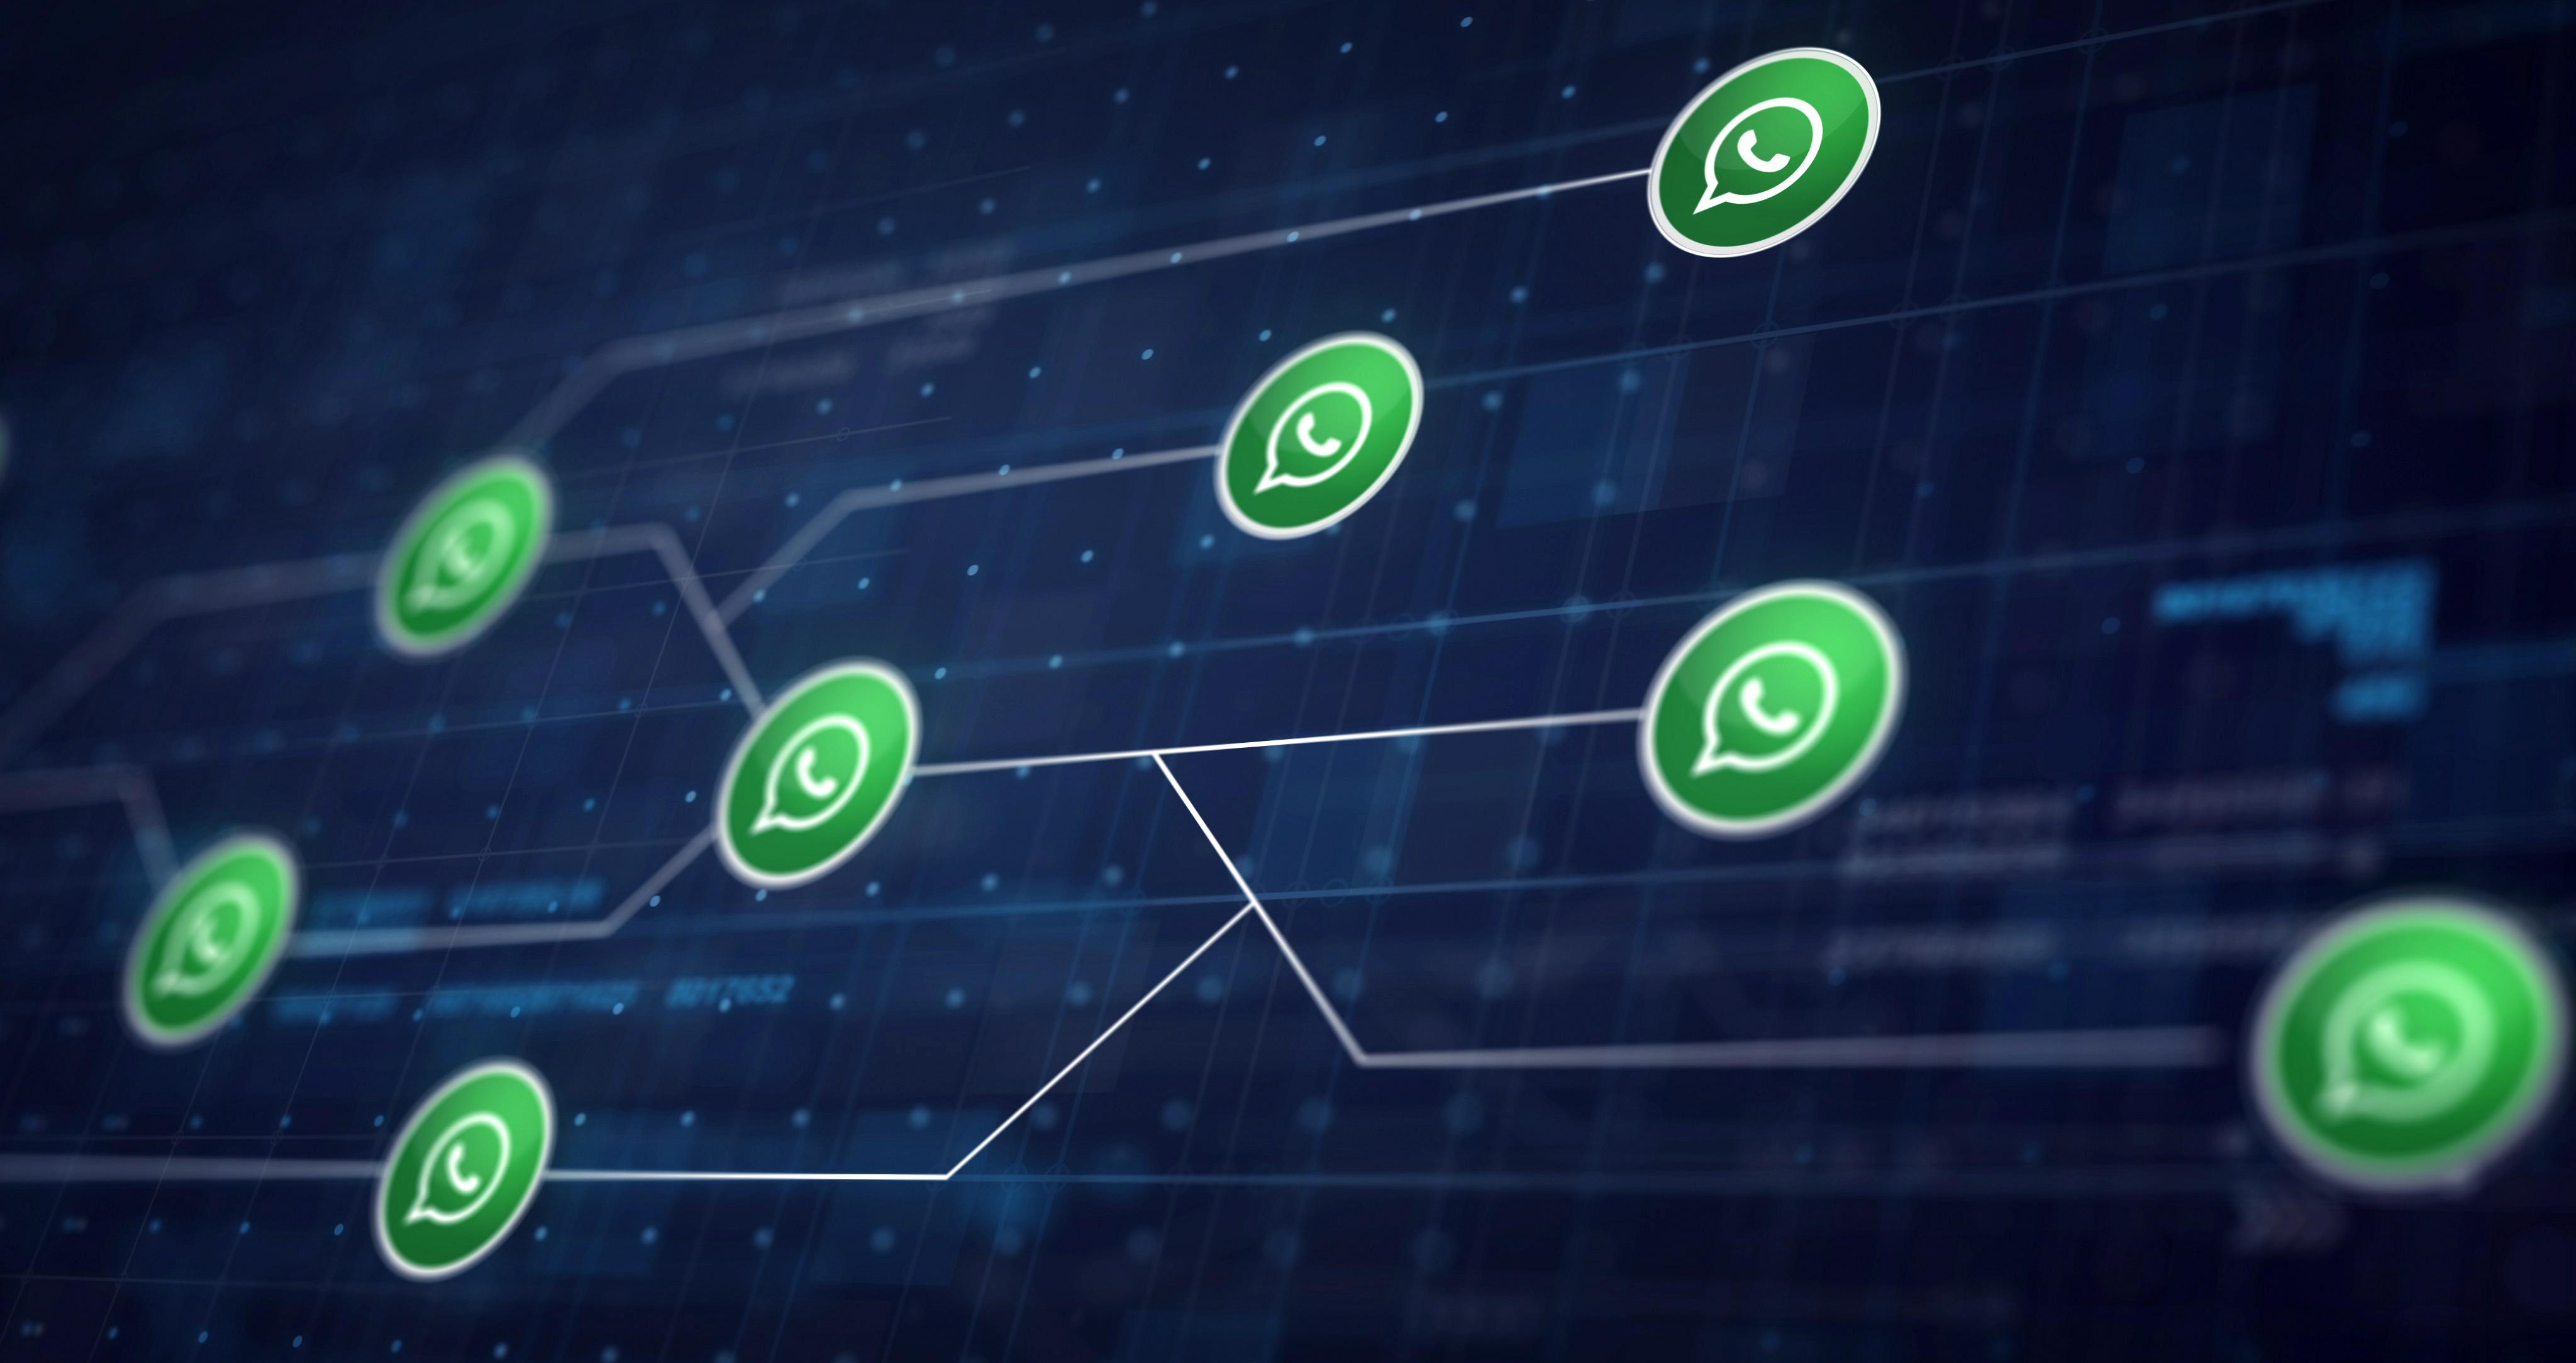 Usuários do whatsapp poderão ter contas suspensas